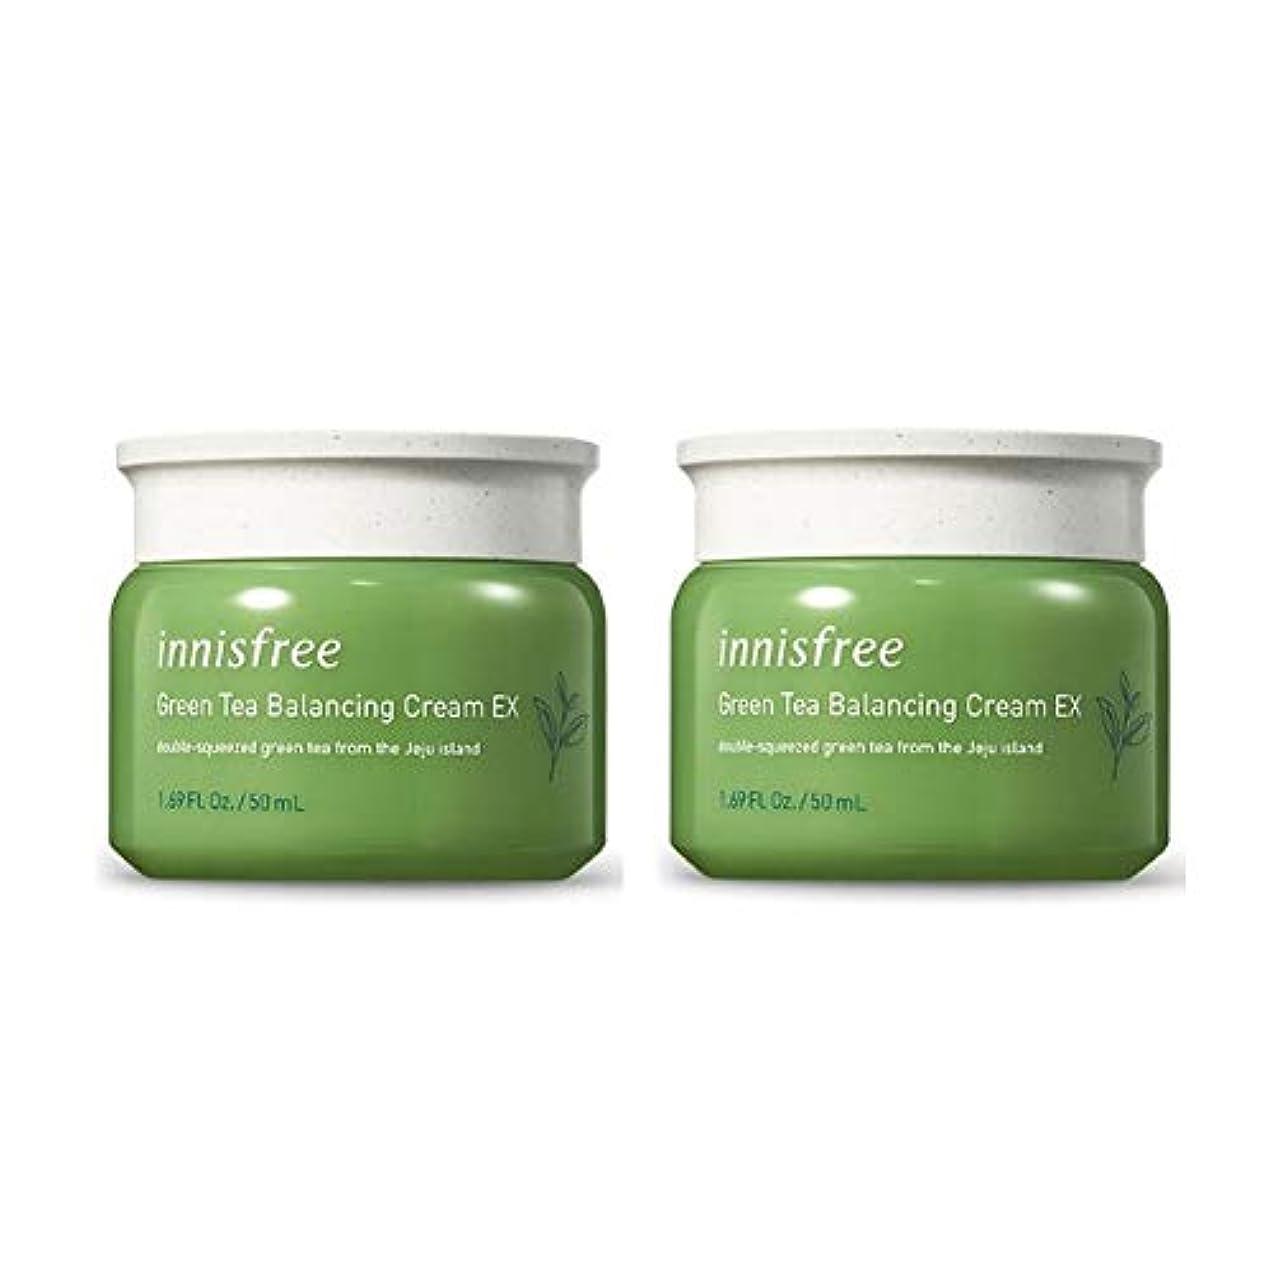 適度なスノーケルユーモアイニスフリーグリーンティーバランシングクリームEX 50mlx2本セット韓国コスメ、innisfree Green Tea Balancing Cream EX 50ml x 2ea Set Korean Cosmetics...